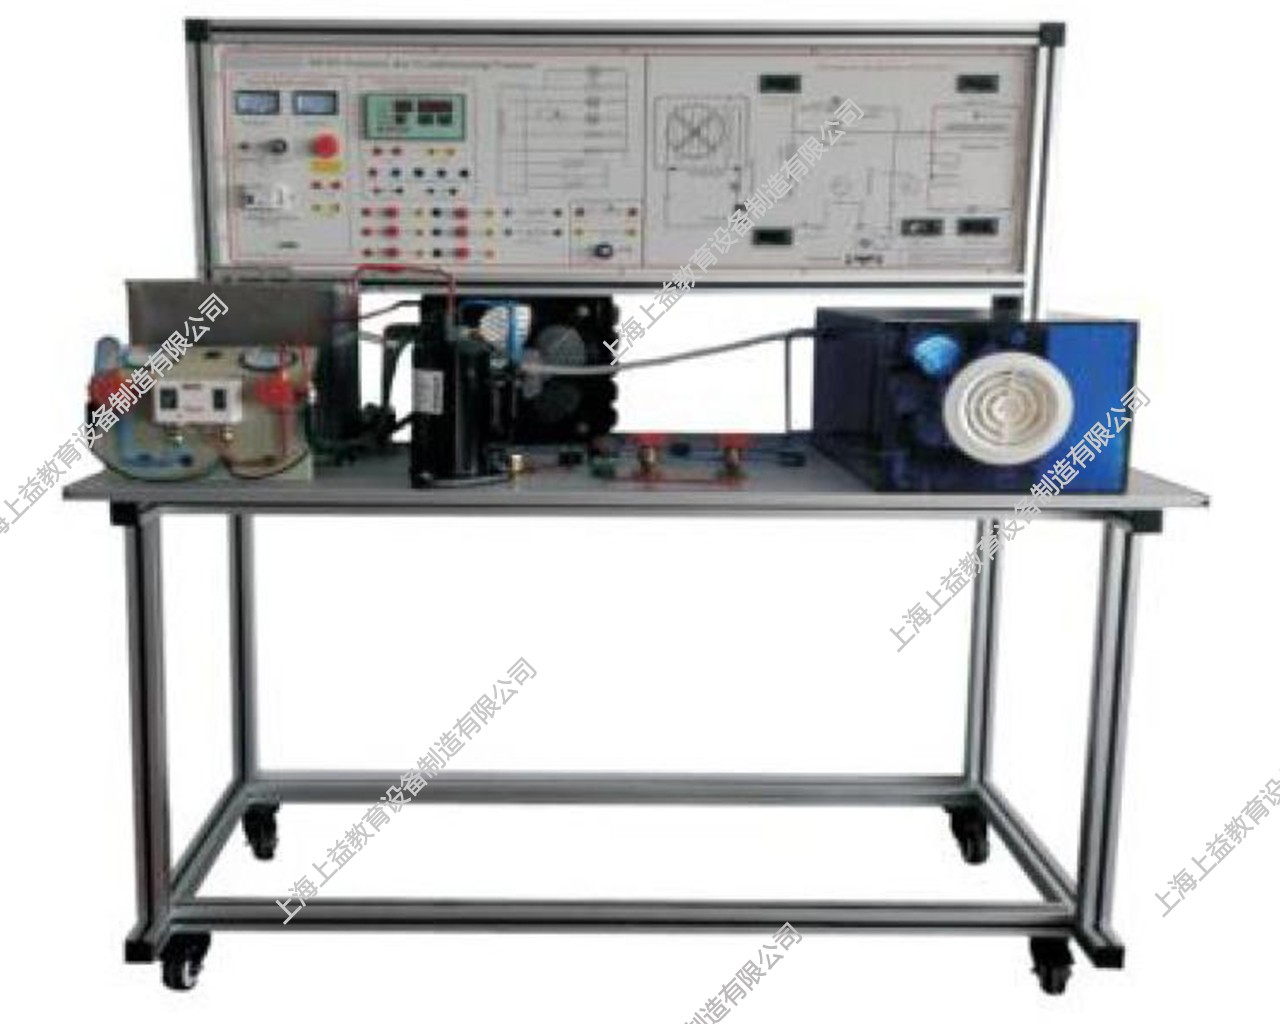 SY-HW25恒温恒湿机组系统模拟实验装置